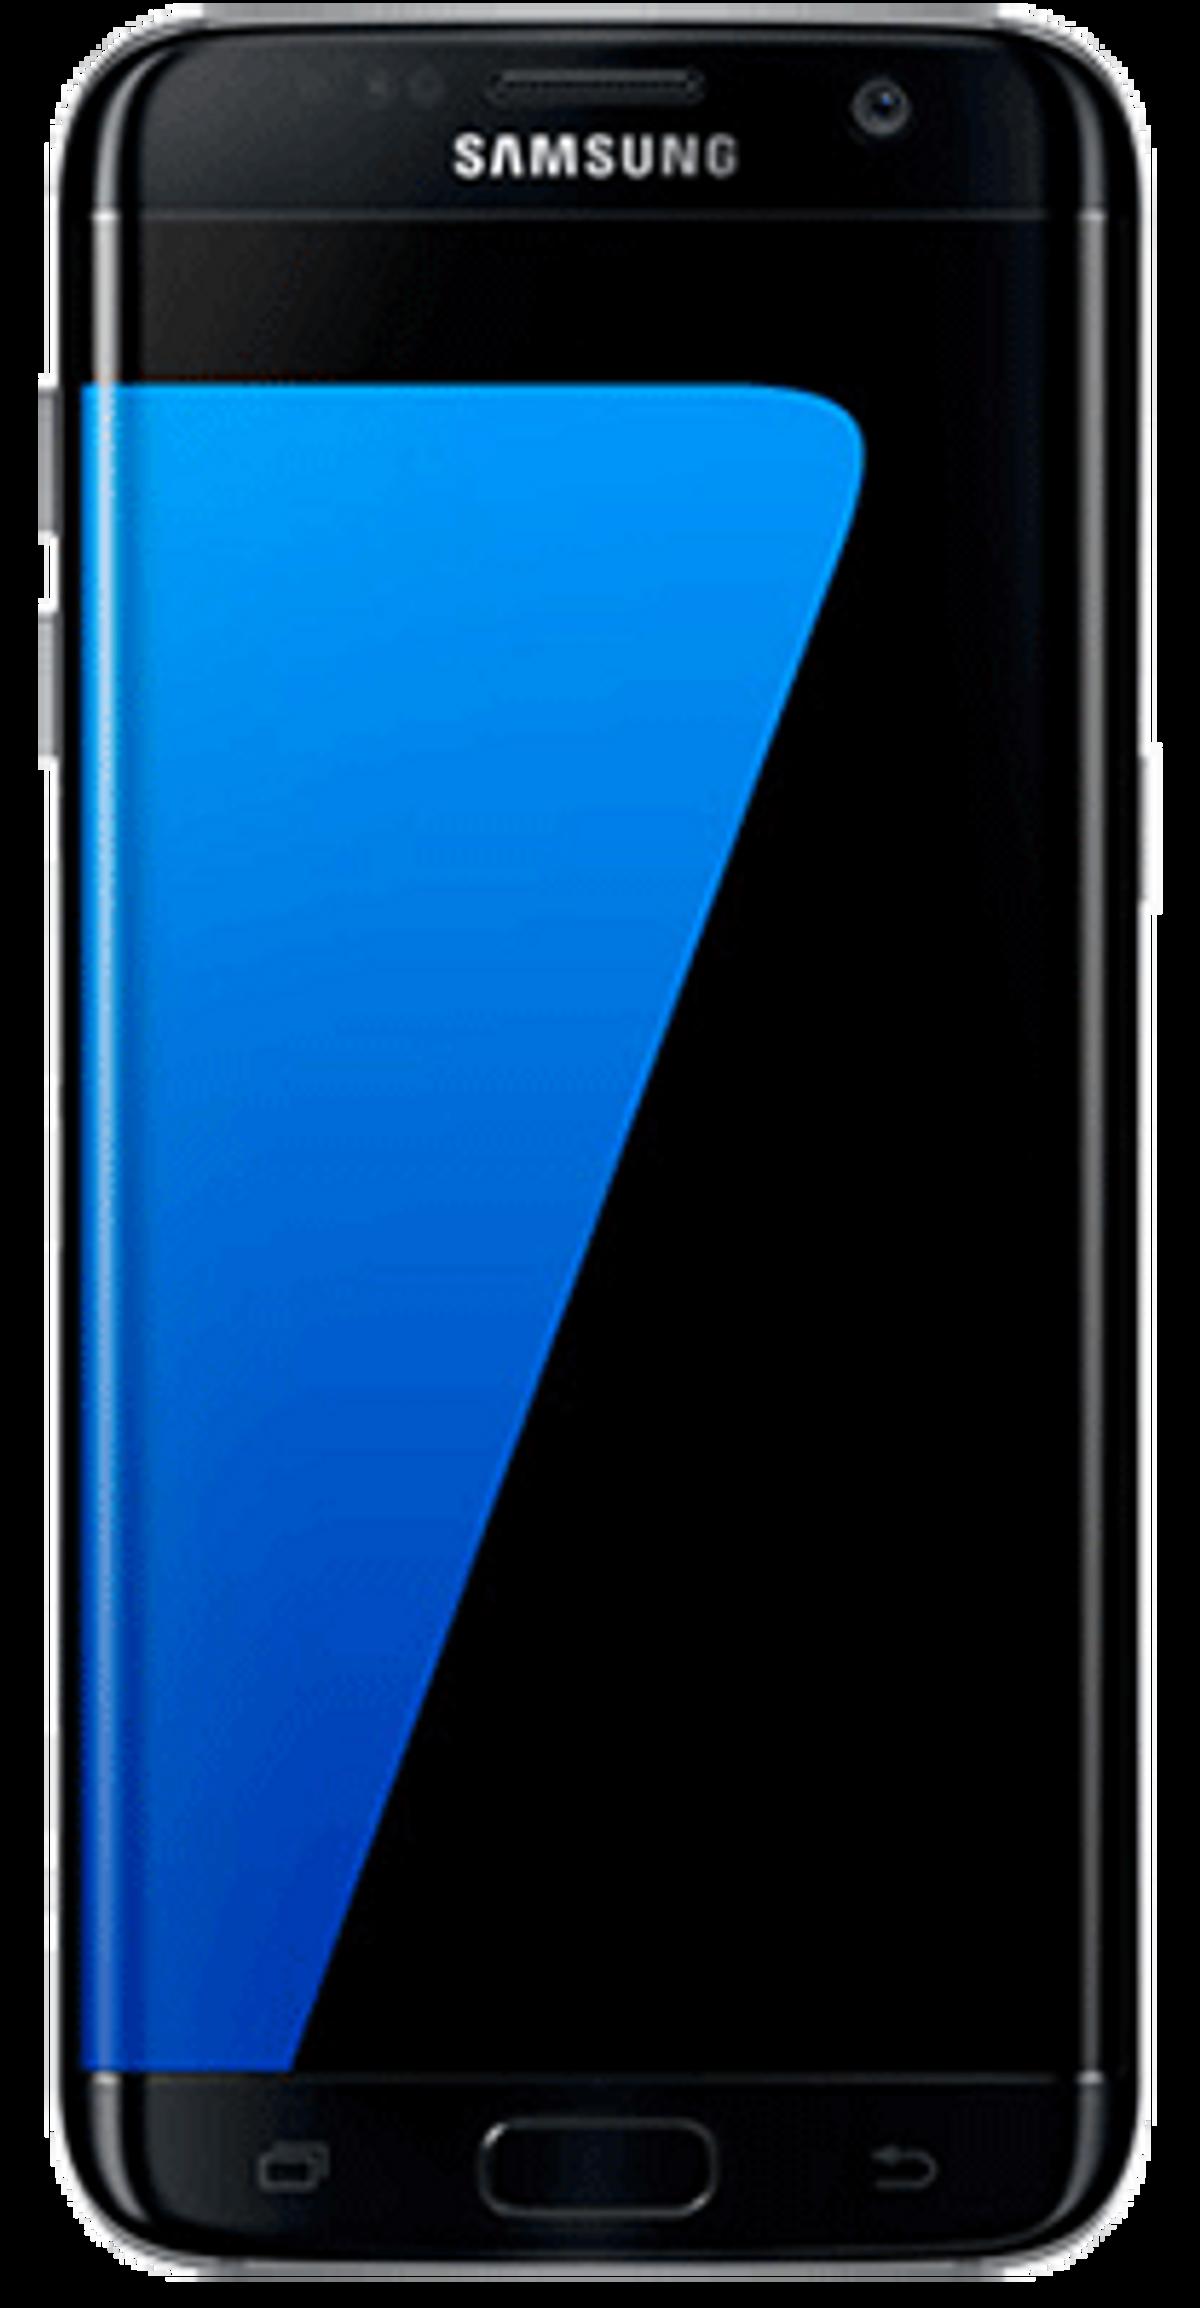 സാംസങ്ങ് ഗാലക്സി S7 Edge